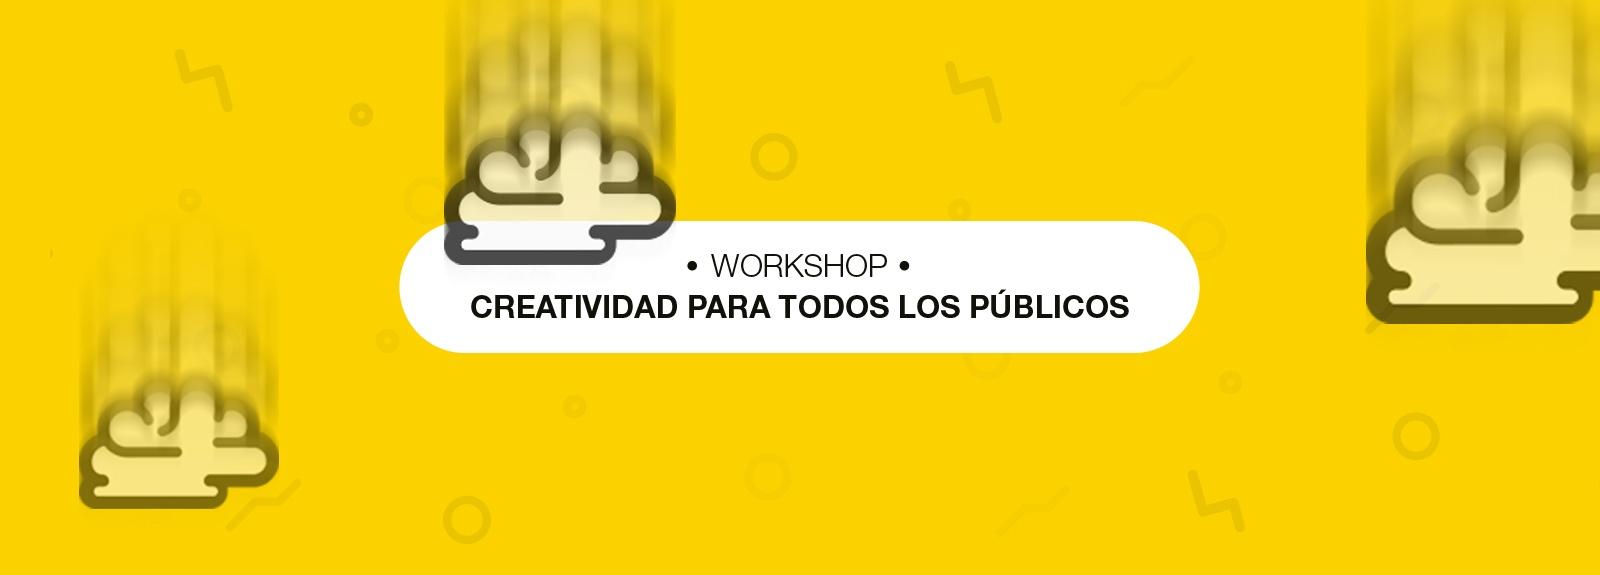 Creatividad-Luis-web-cabecera